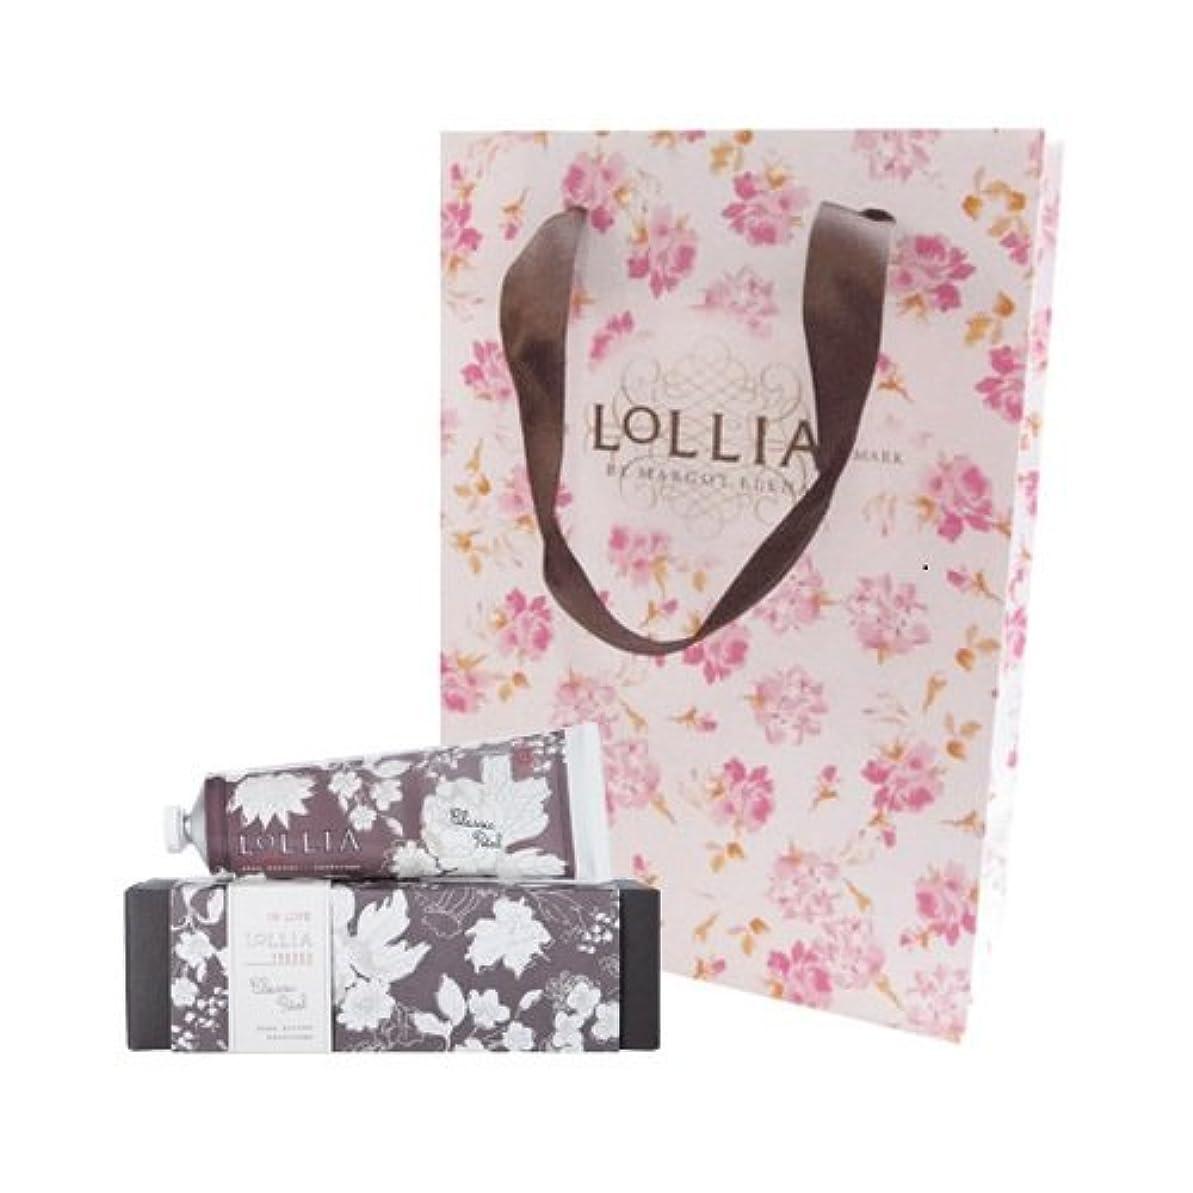 カンガルー胚粘り強いロリア(LoLLIA) ハンドクリーム InLove 35g(手肌用保湿クリーム アップルブロッサム、ジャスミン、ローズのフルーティで爽やかな香り) ショッパー付